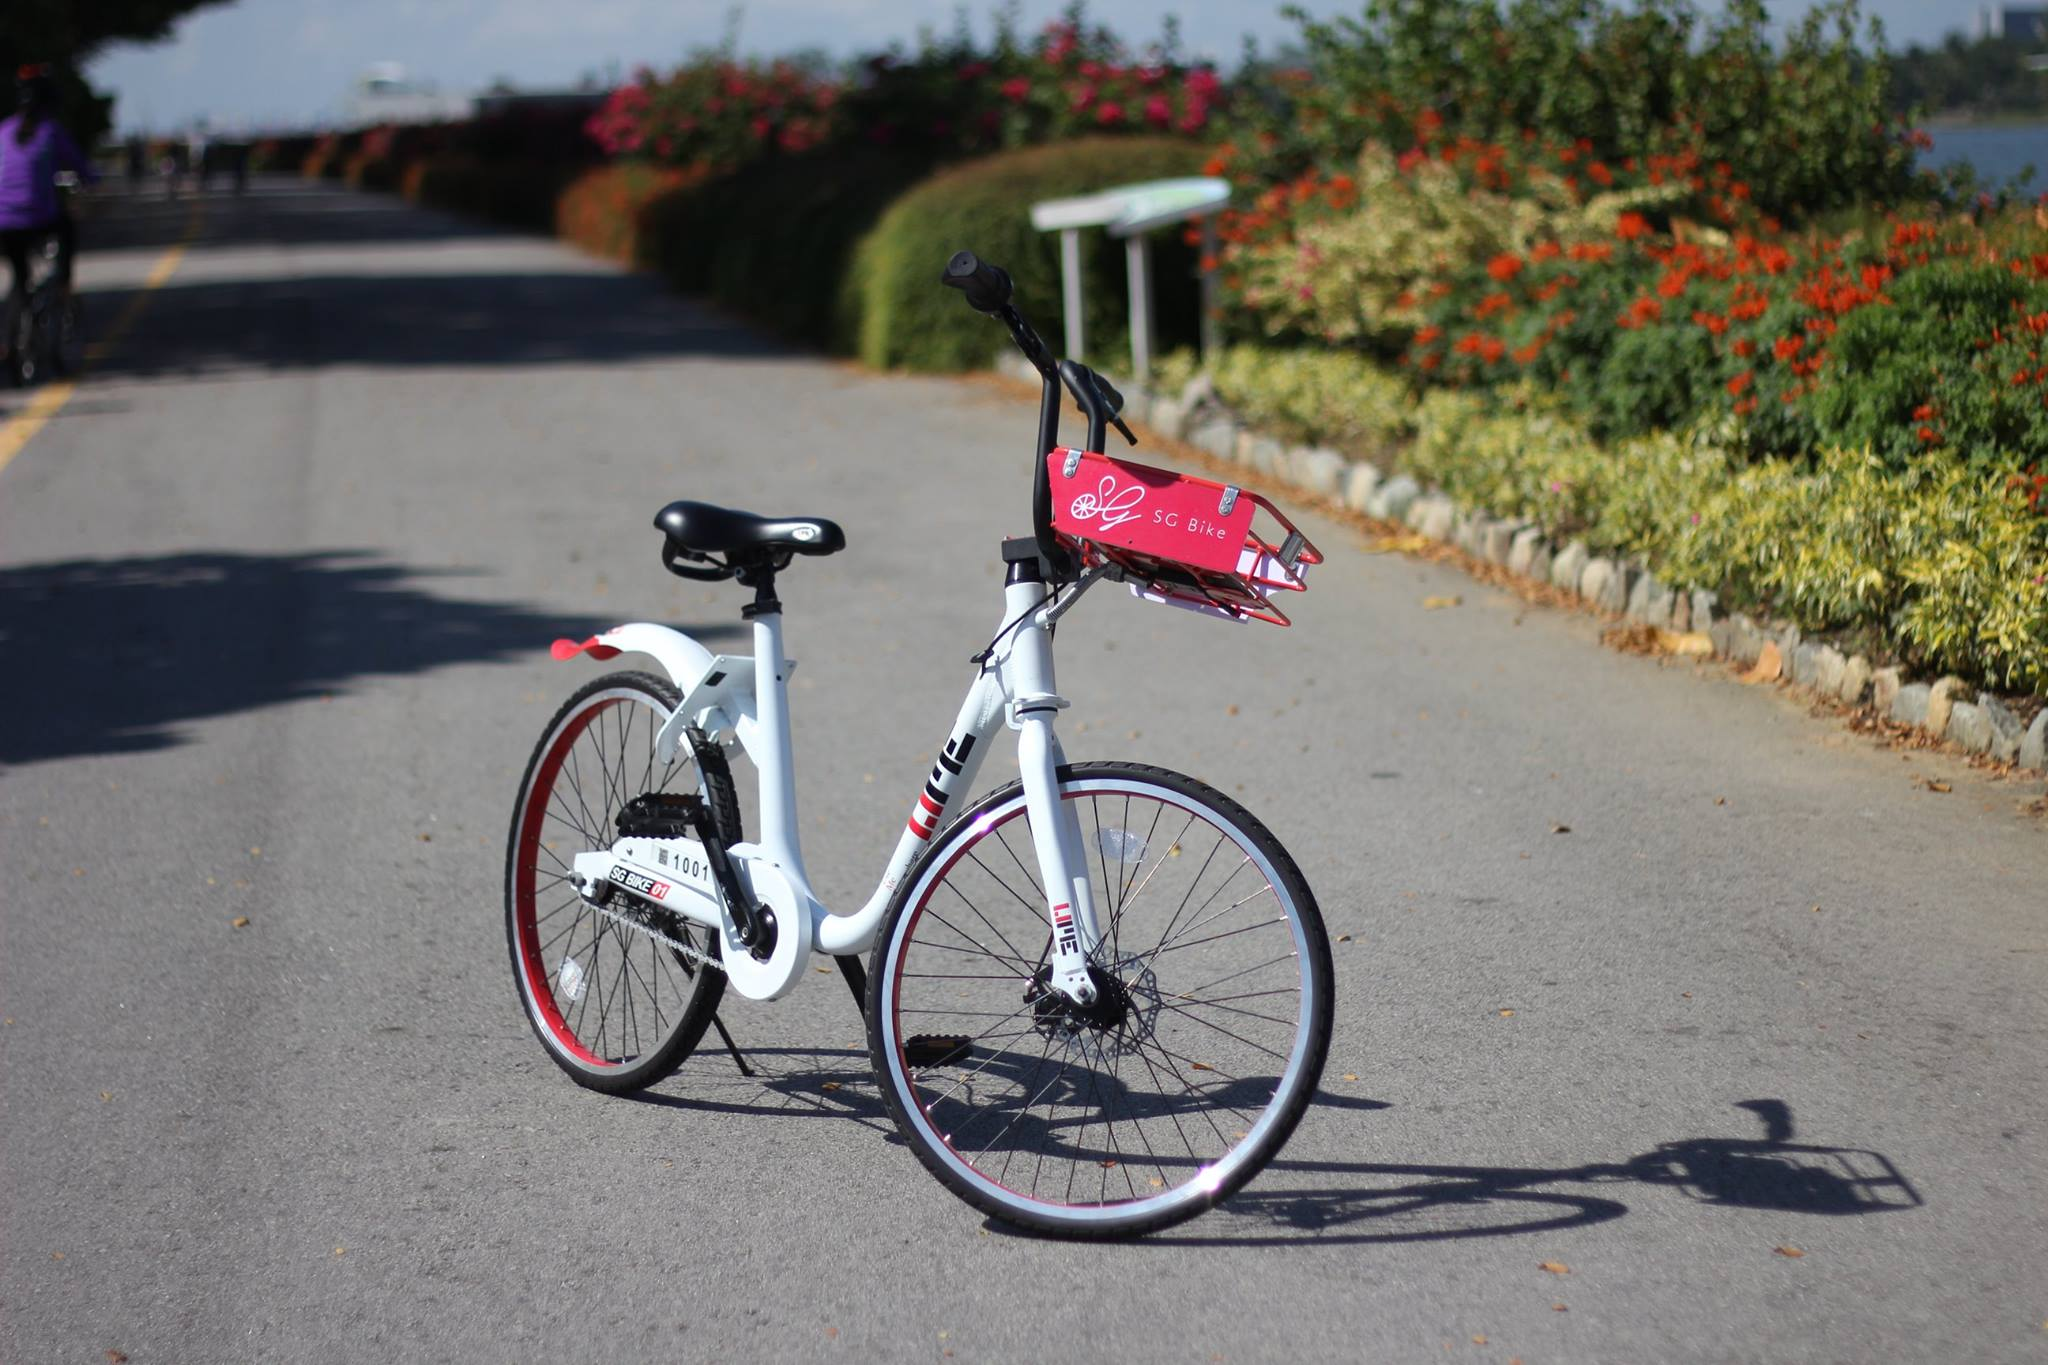 Photo courtesy: SG bike